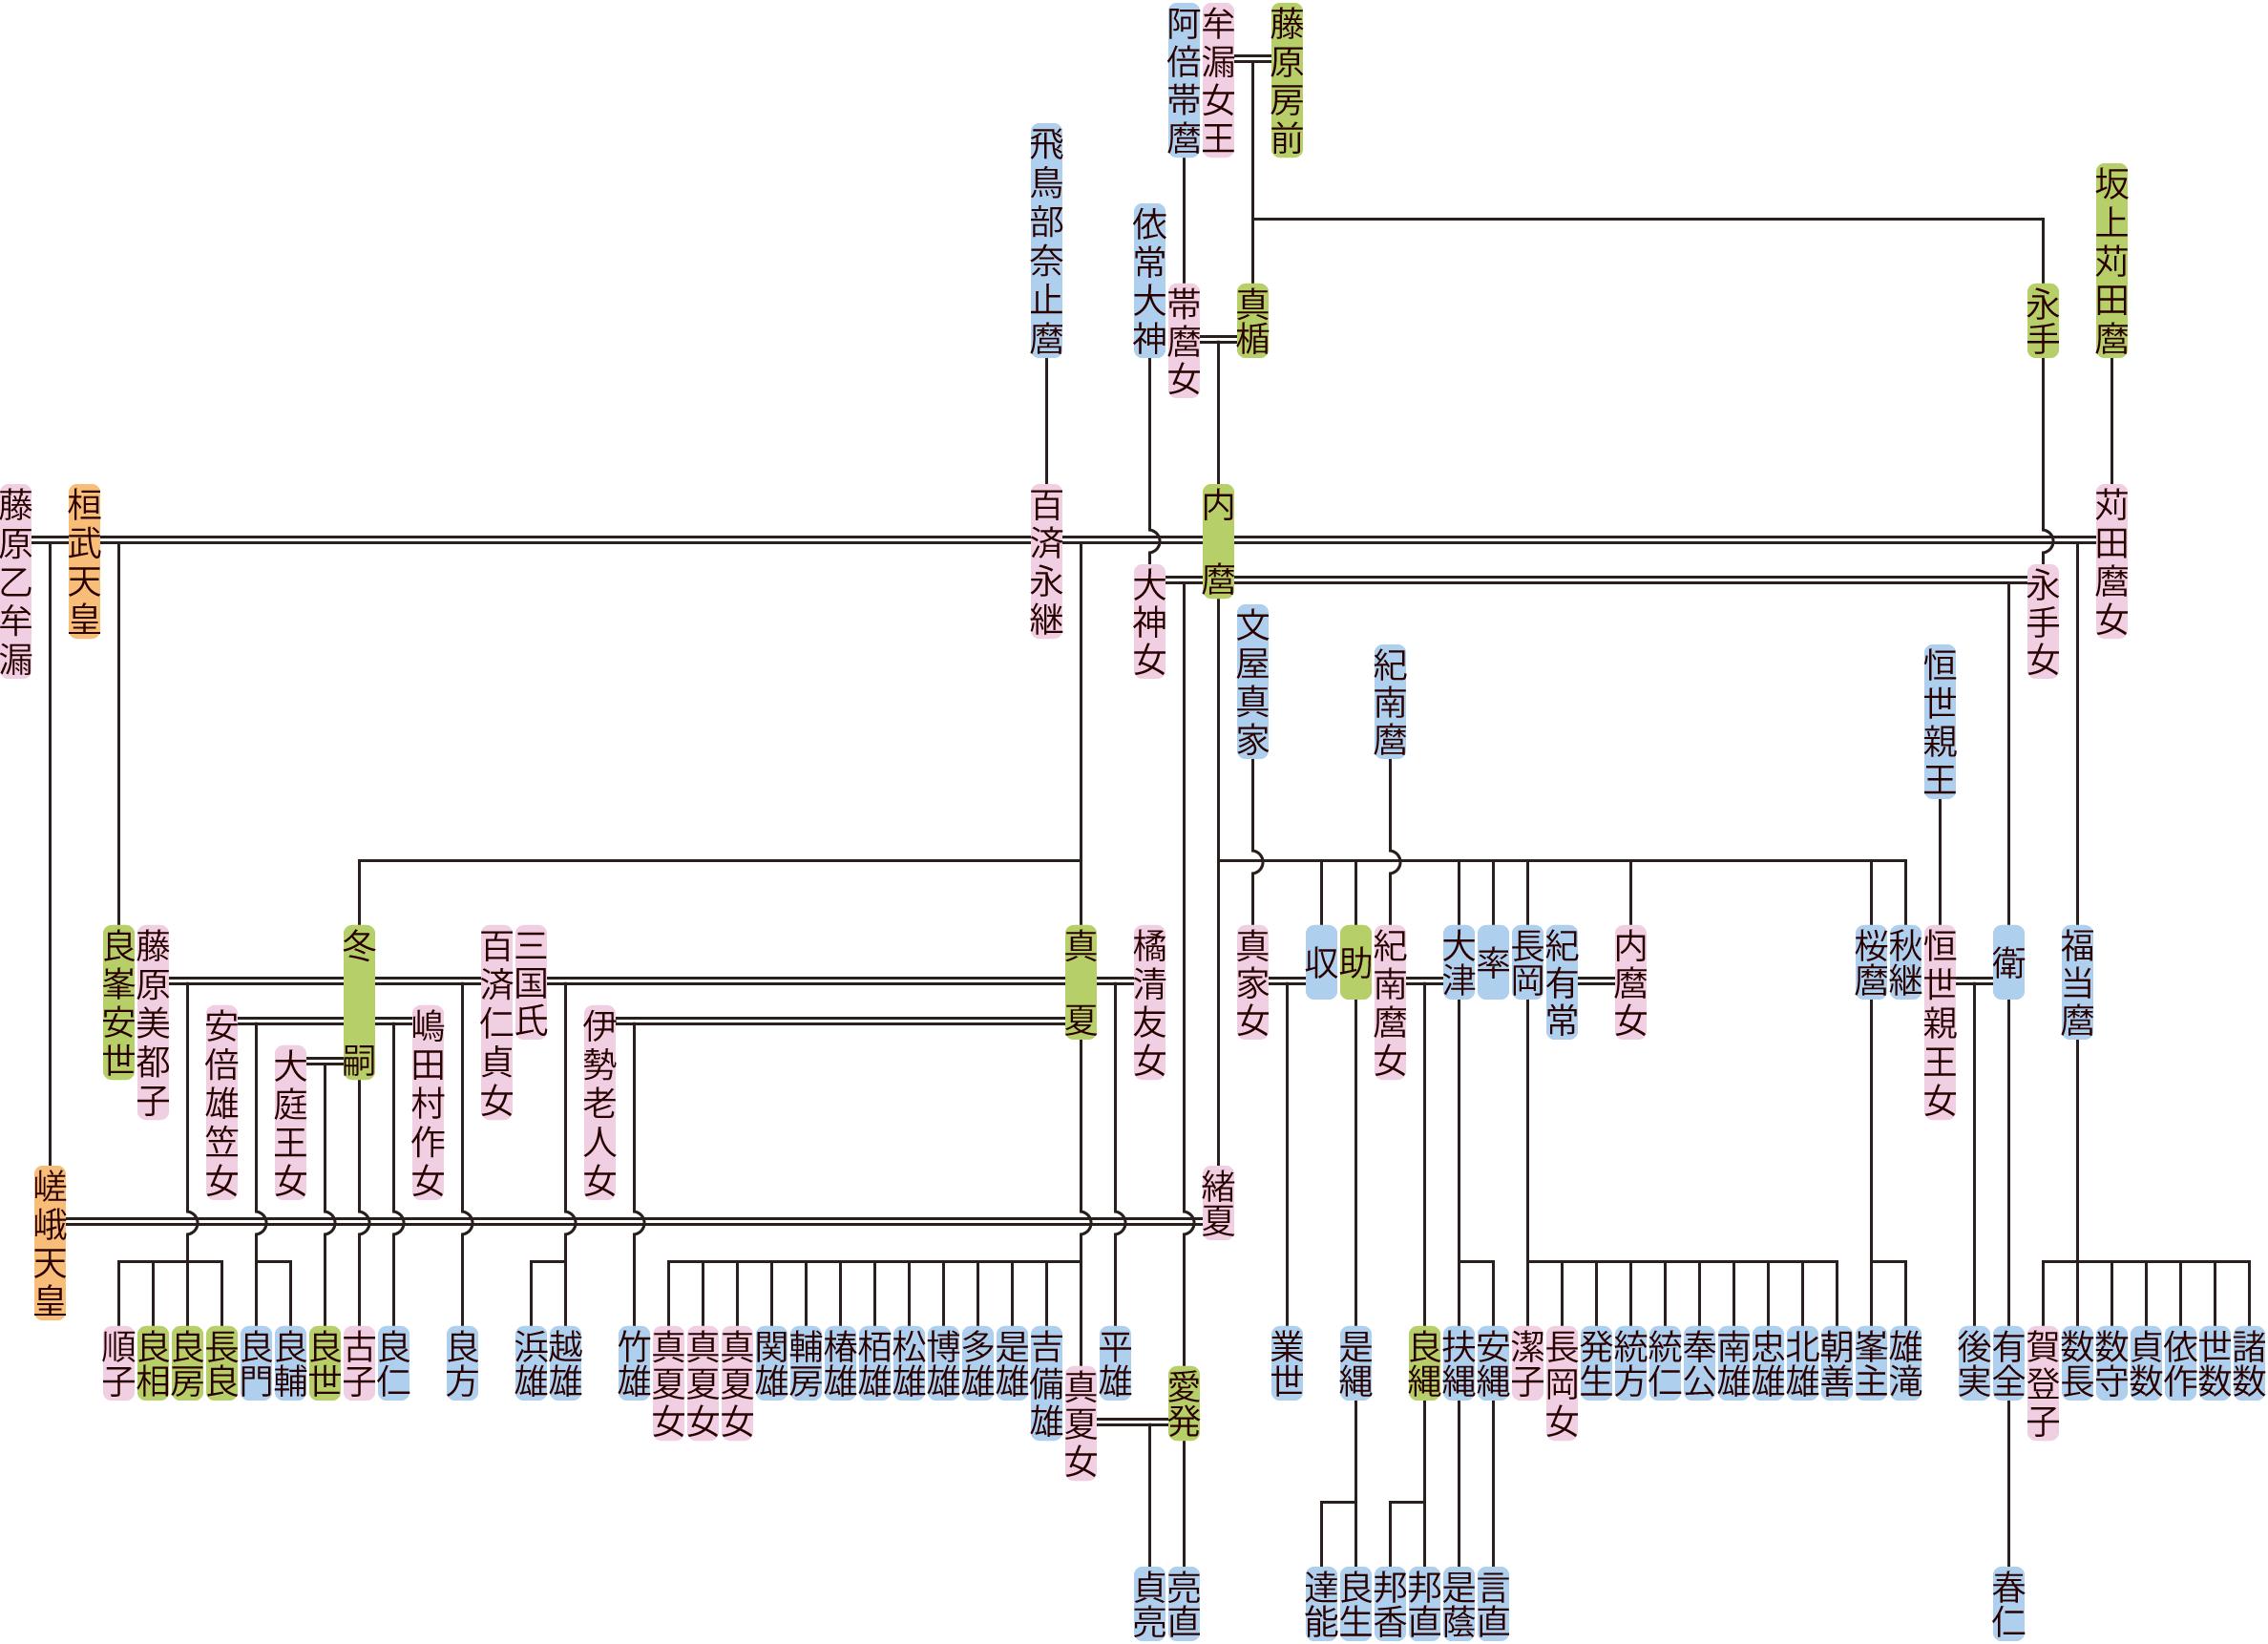 藤原内麿の系図